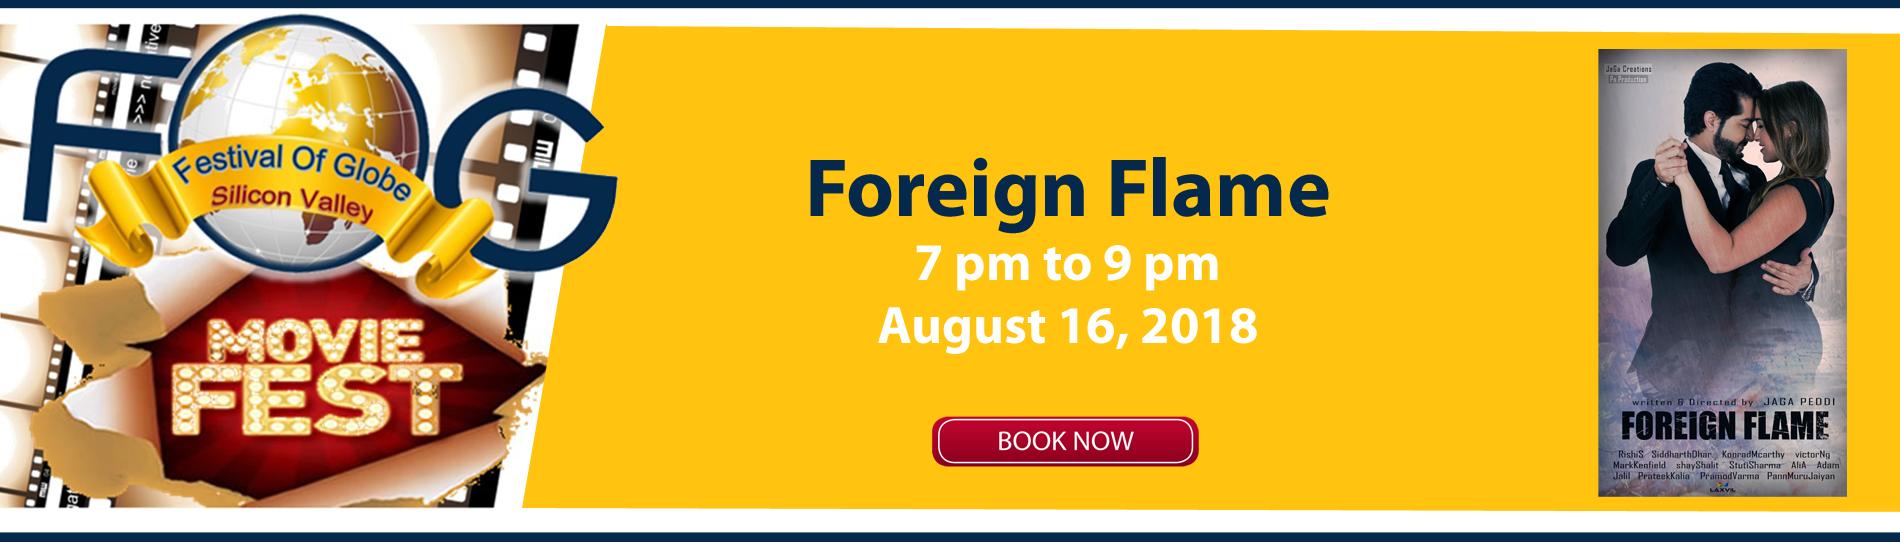 EventMozo Foreign Flame FOG Movie Fest 2018